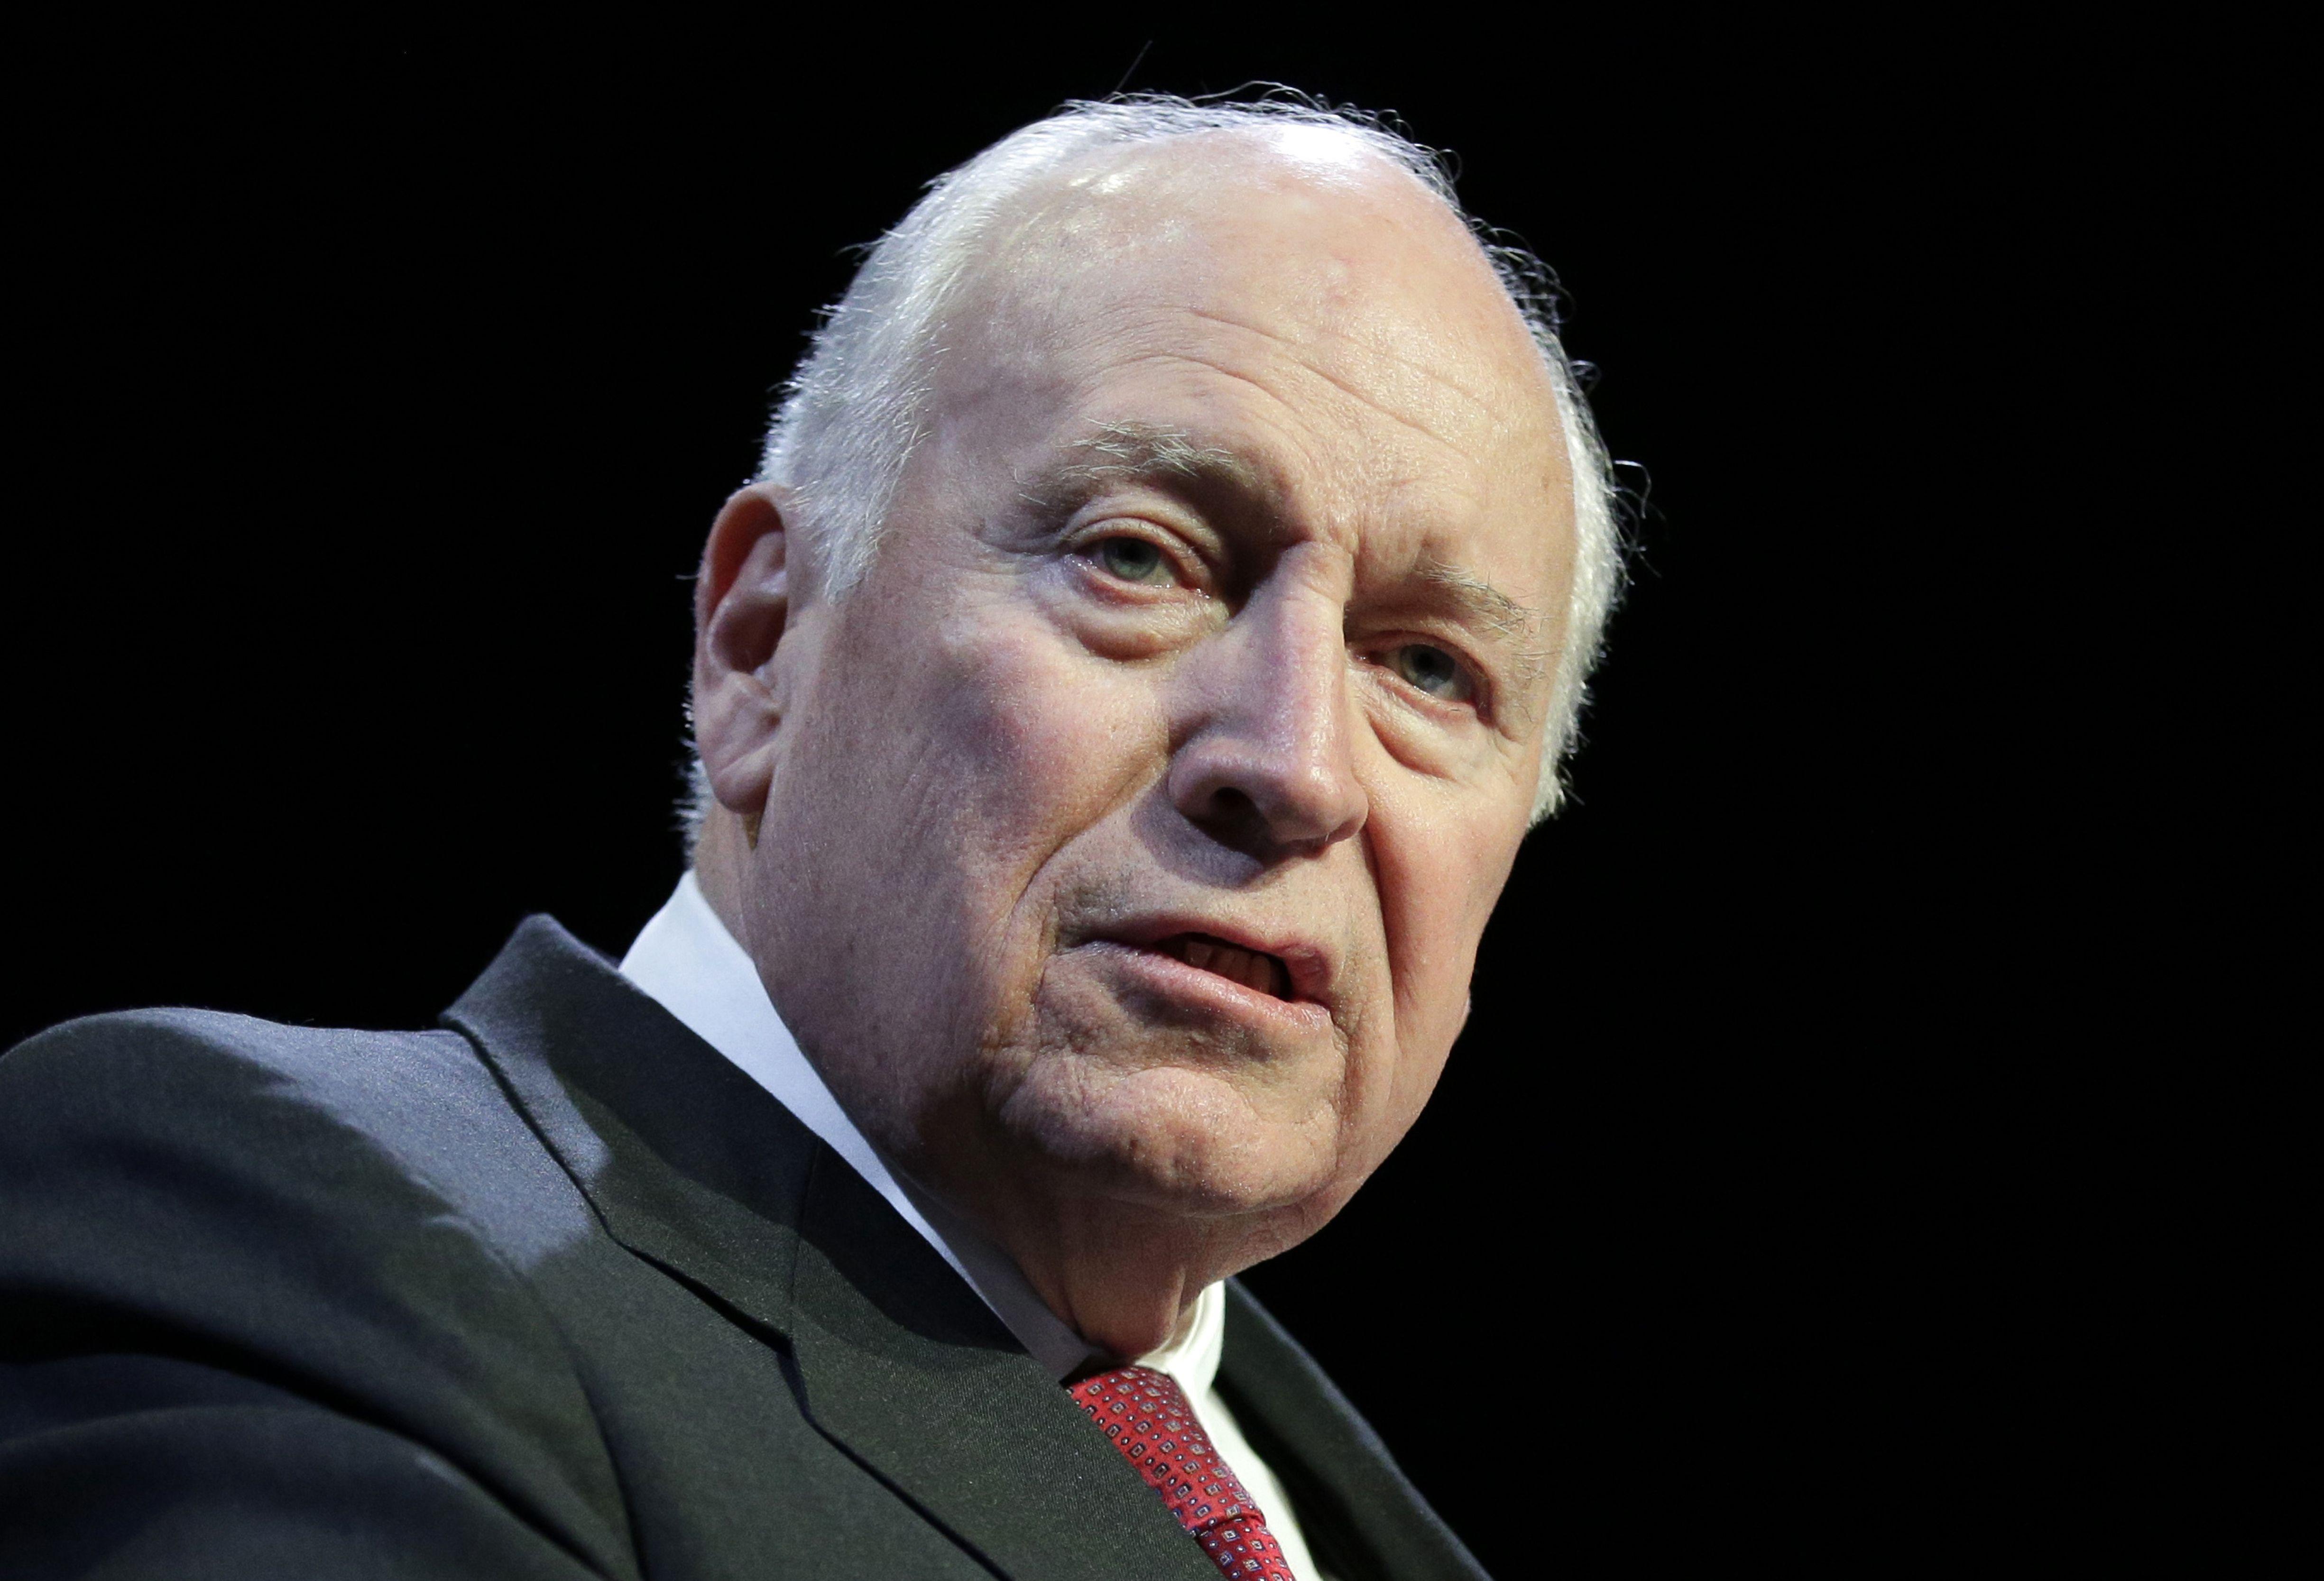 Cheney: EEUU debería reanudar interrogatorios severos